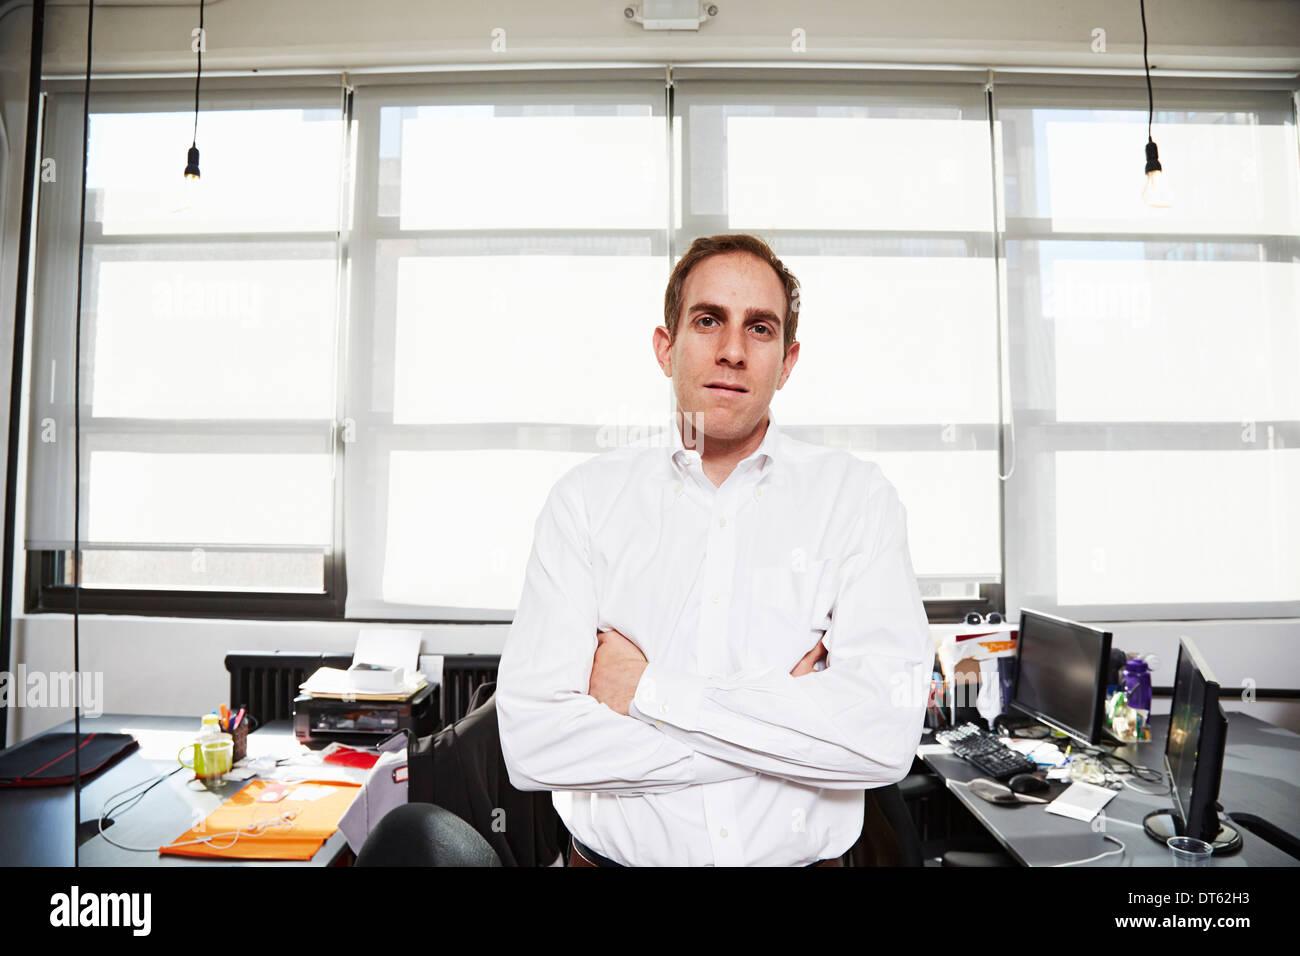 Metà uomo adulto che indossa una camicia bianca in office Immagini Stock